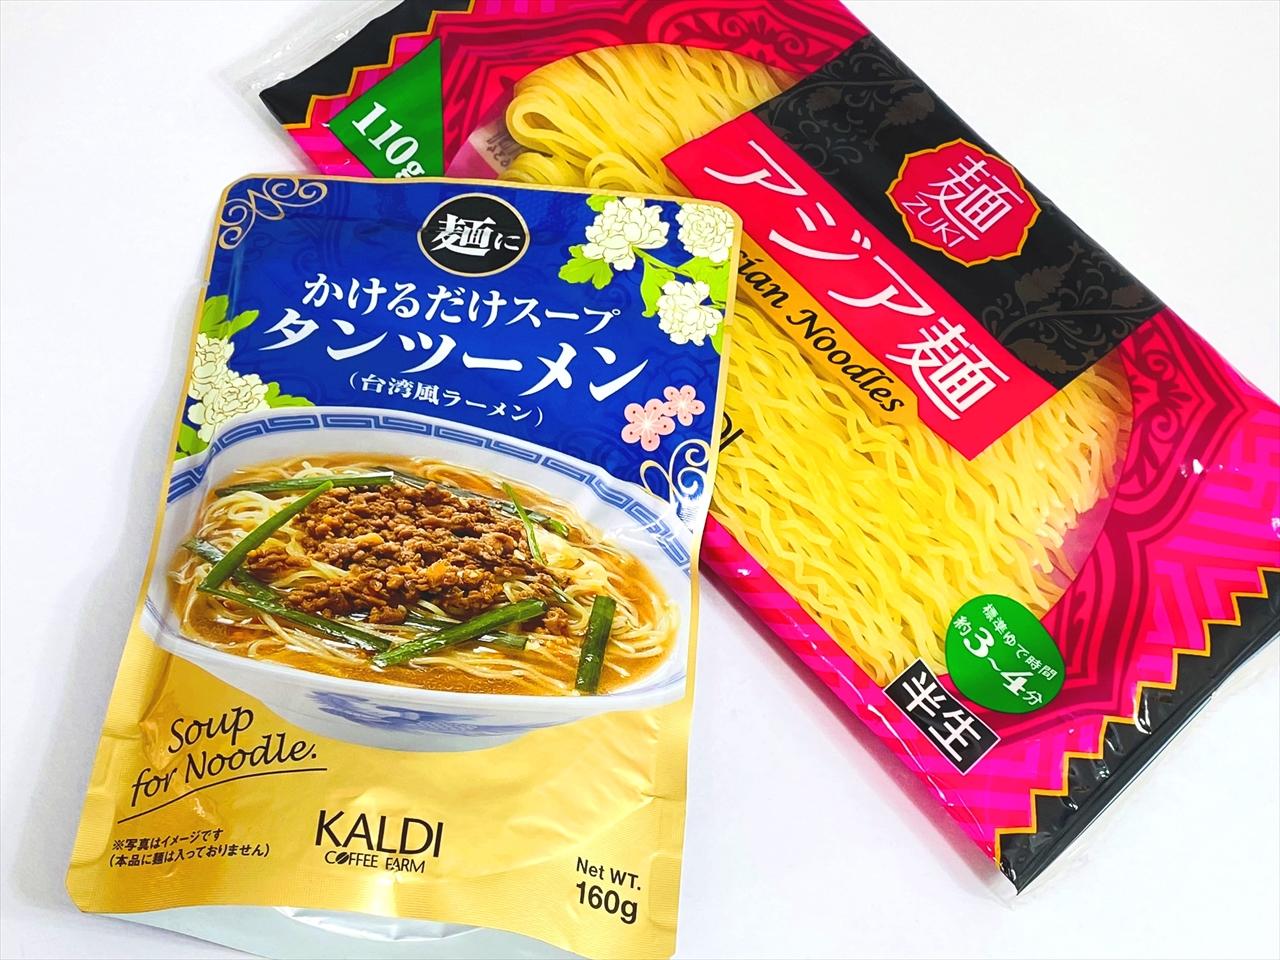 麺にかけるだけスープ タンツーメン 160g 198円 & 麺ZUKI アジア麺 108円